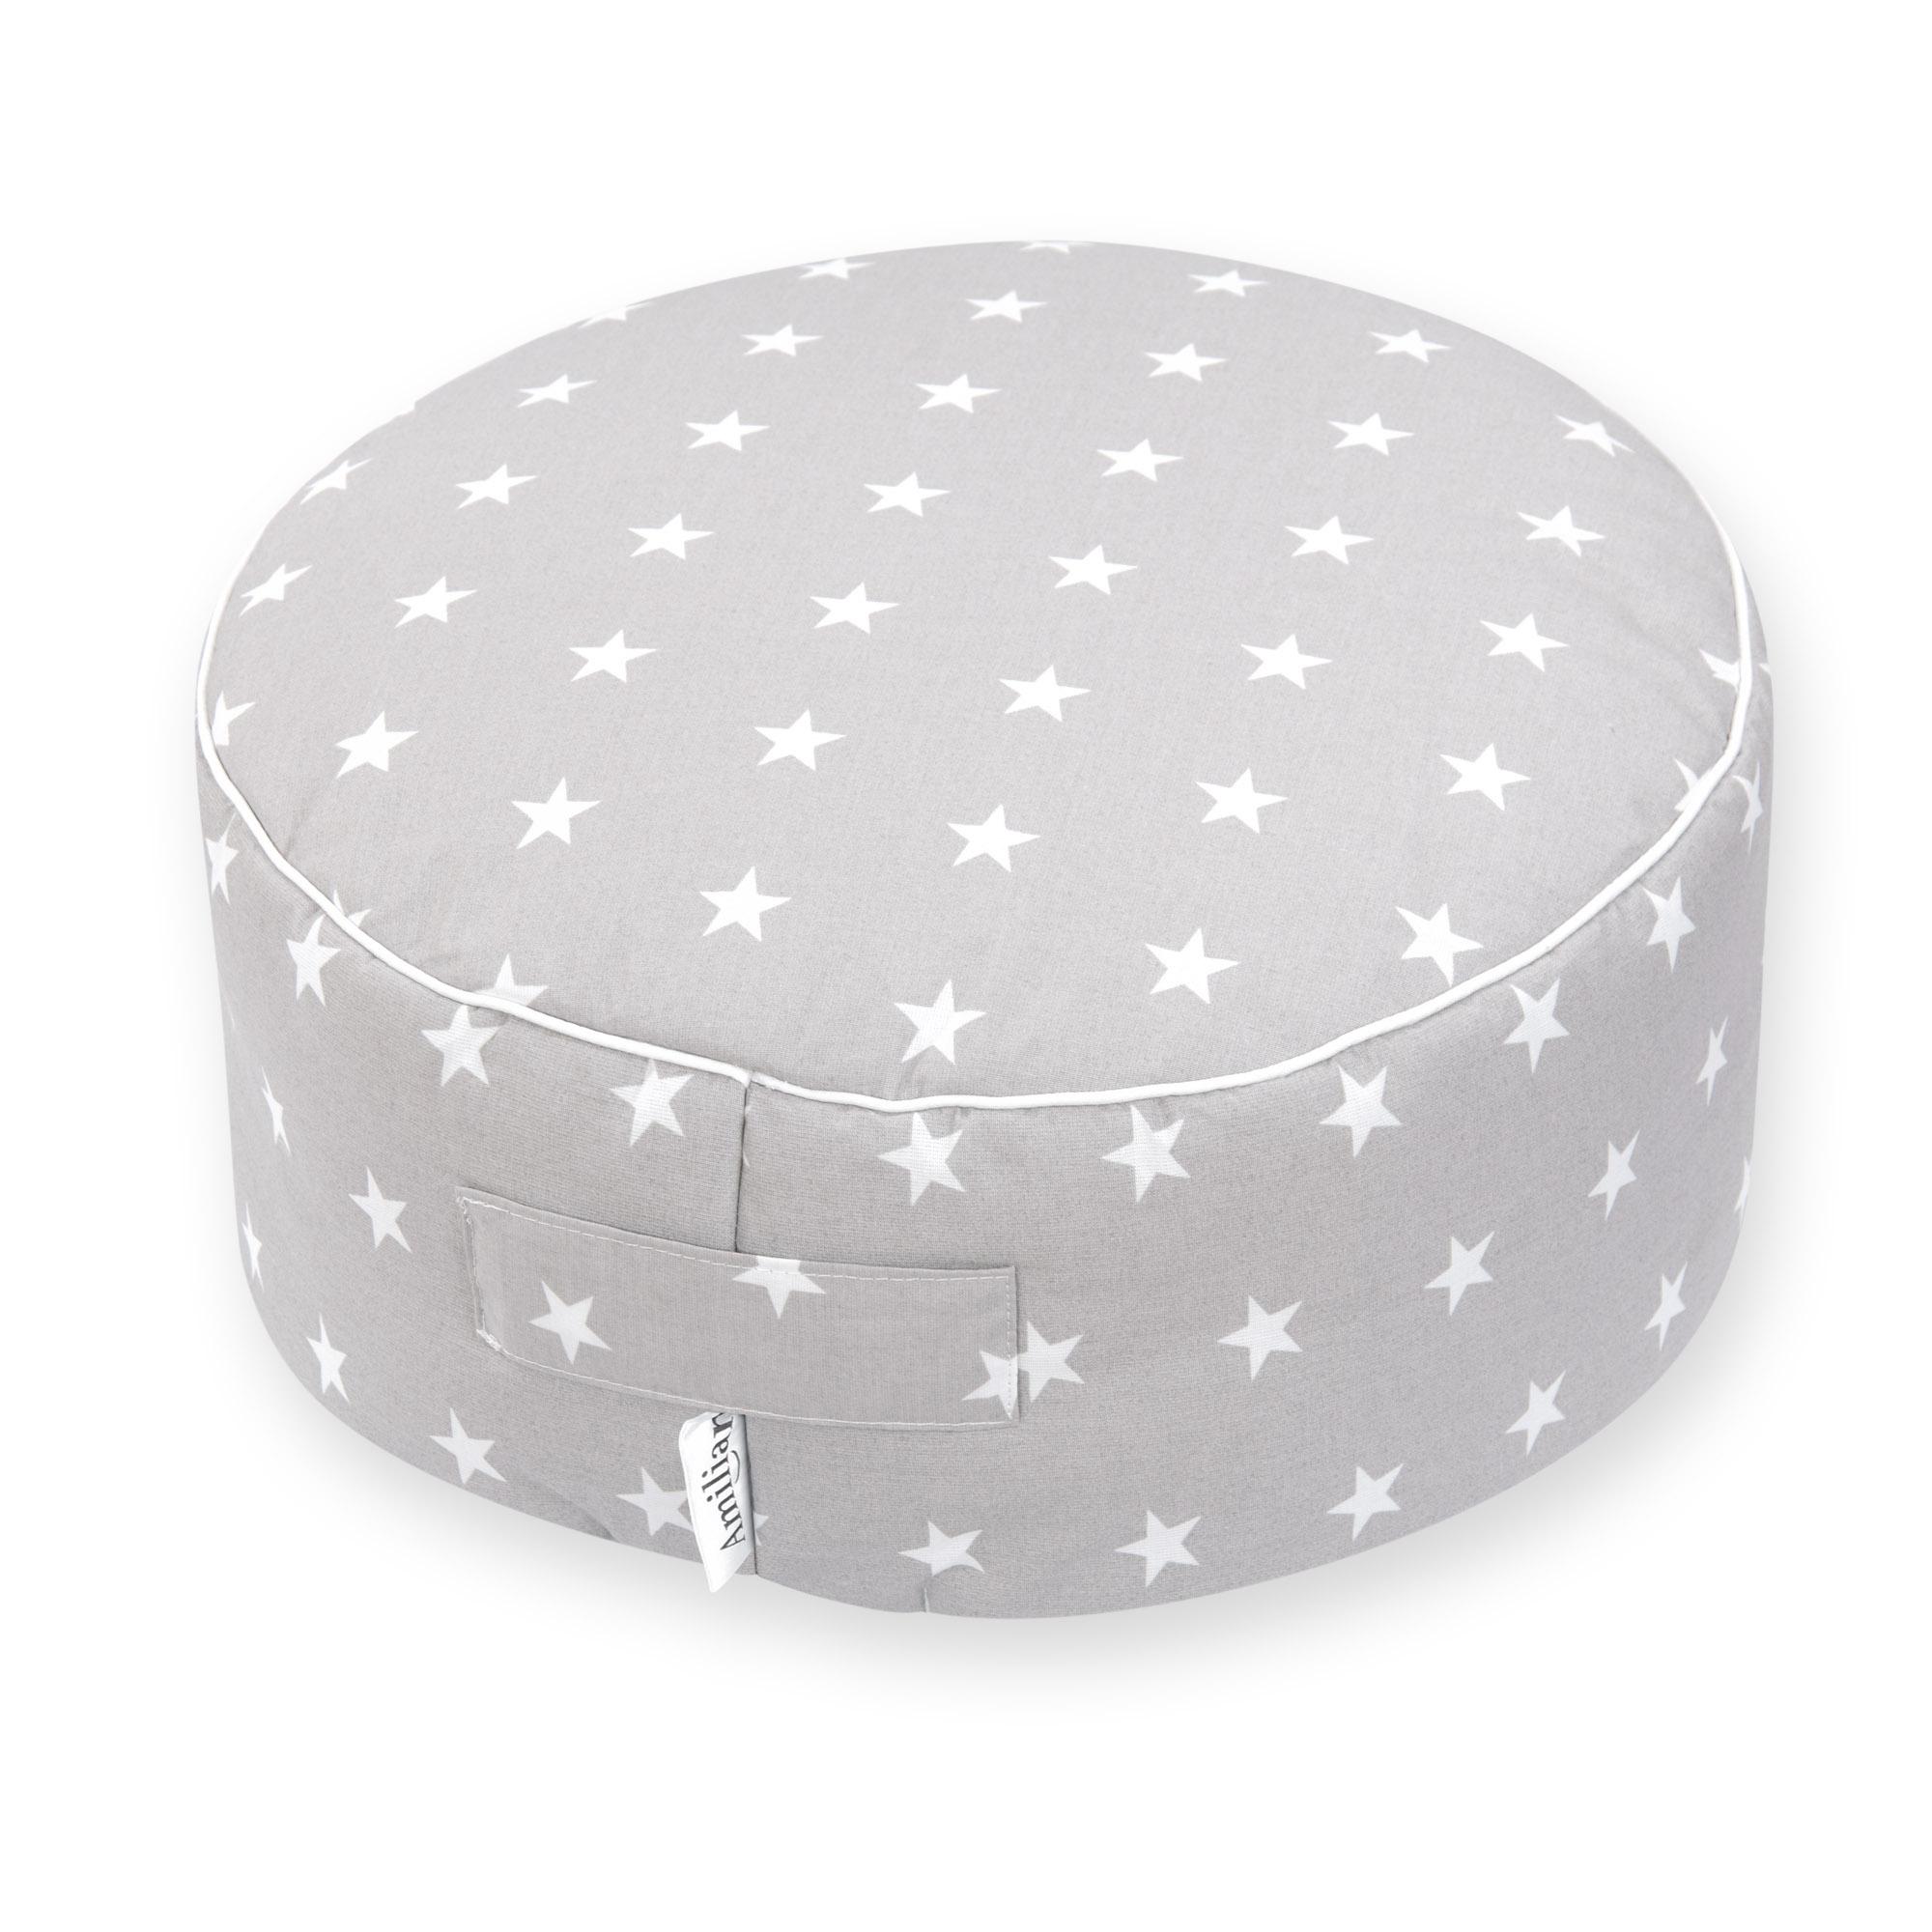 Sitzkissen Sitzpuff ca. Ø 40 cm 16 cm hoch für Kinder weiche Füllung Sternchen Grau